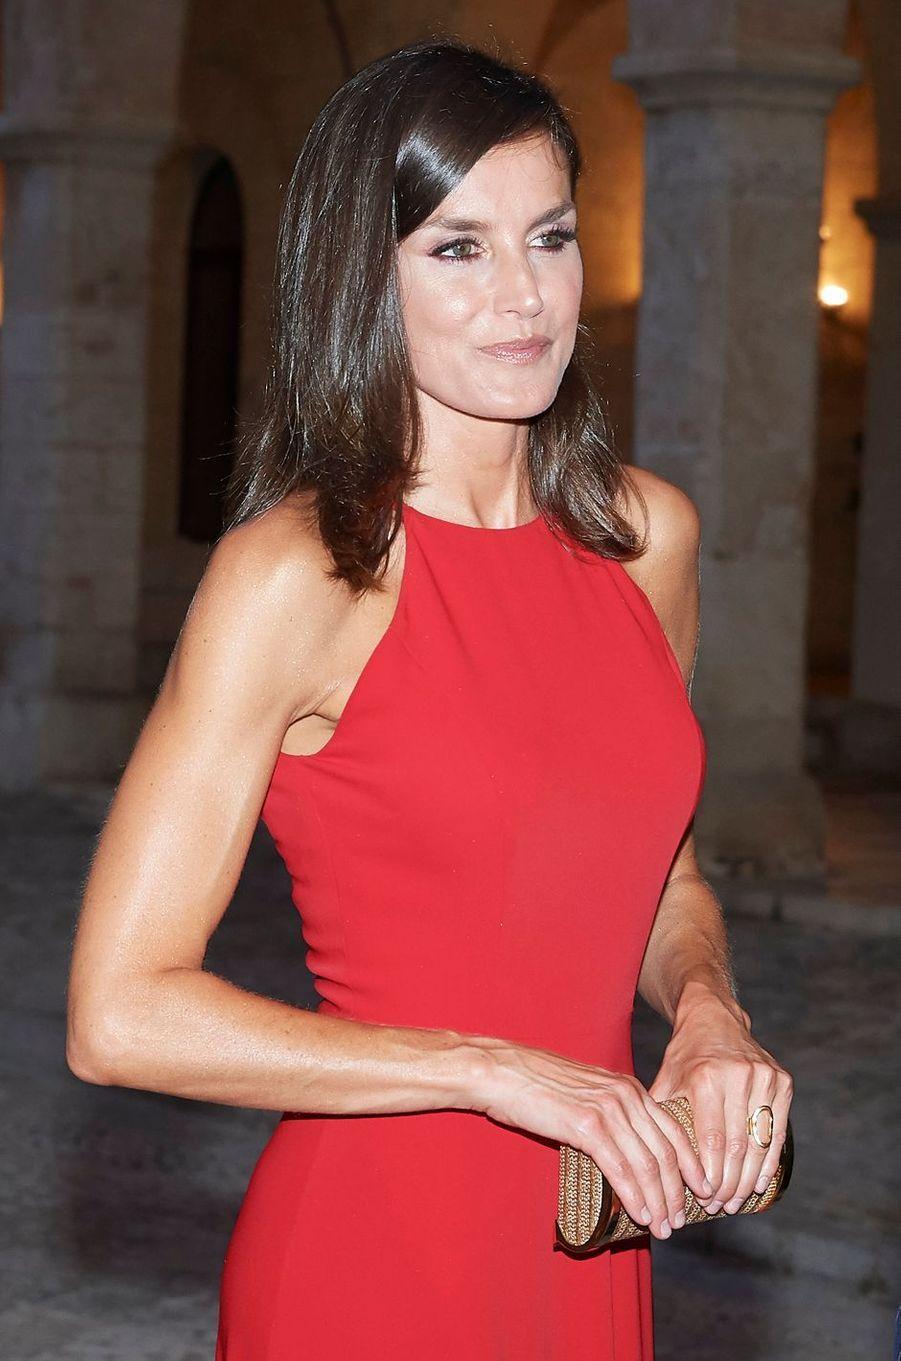 La reine Letizia d'Espagne portant sa bague Karen Hallam à Palma de Majorque, le 7 août 2019